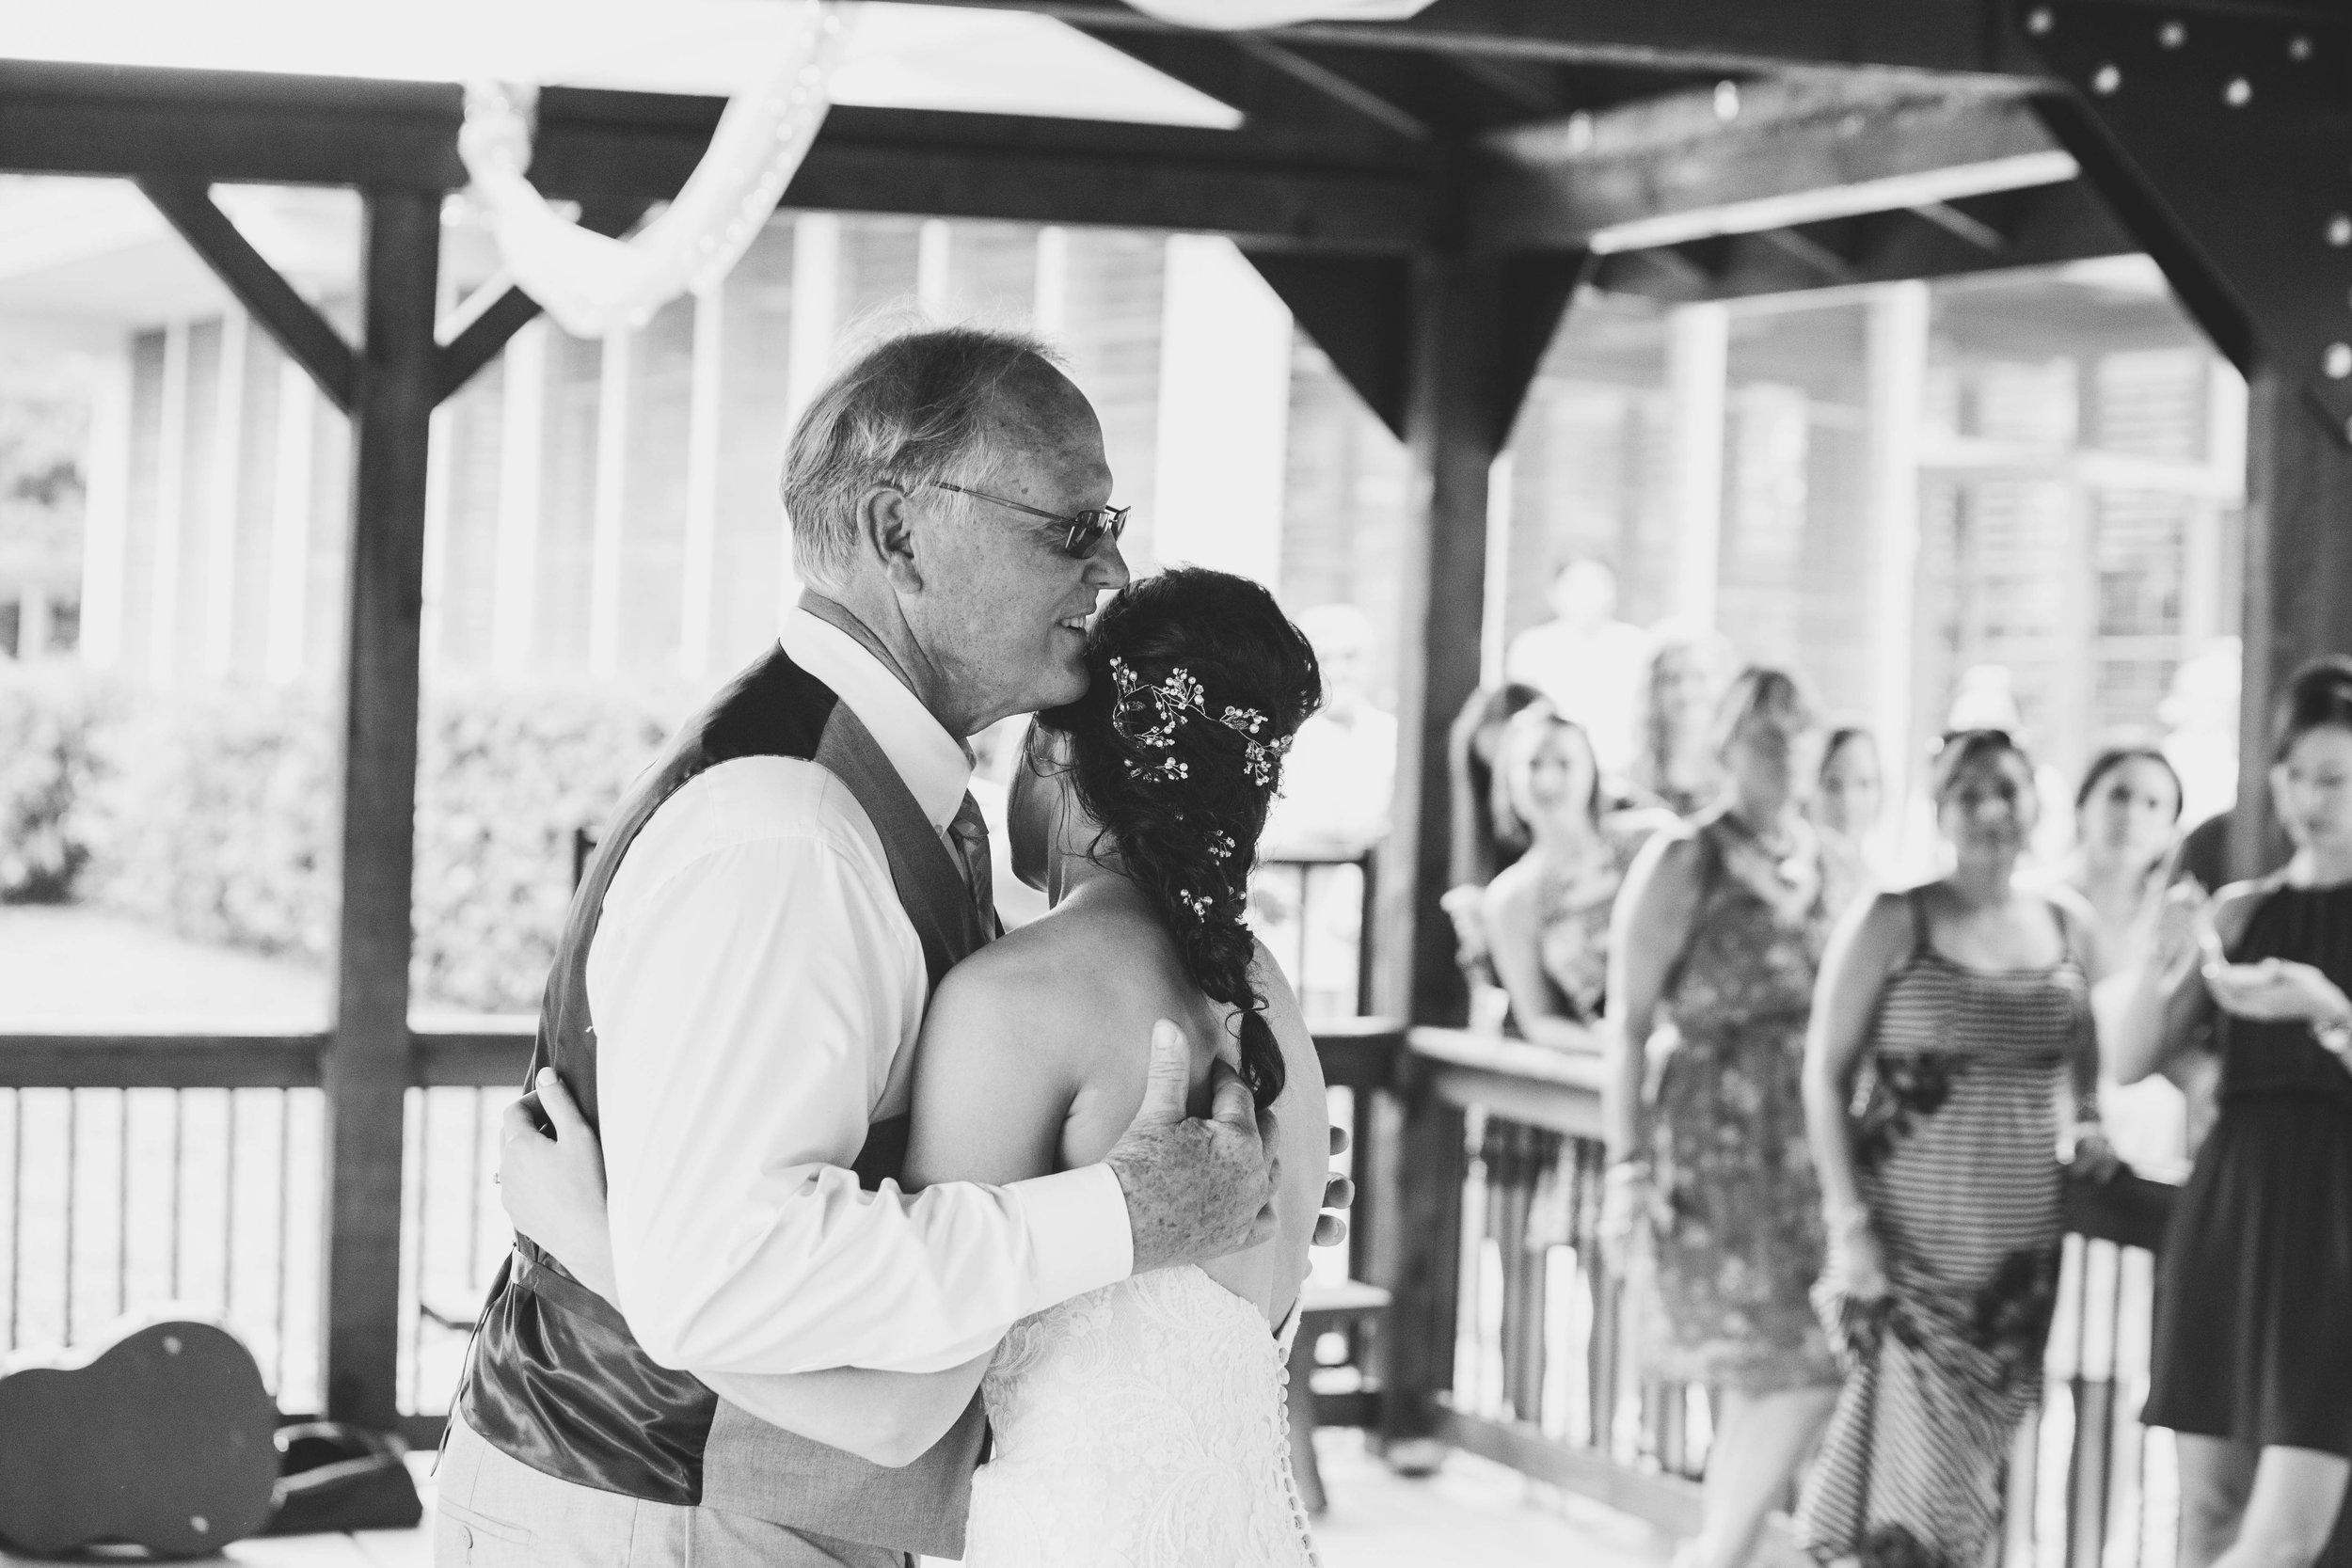 ATGI_Susanna & Matt Wedding_717A8528.jpg